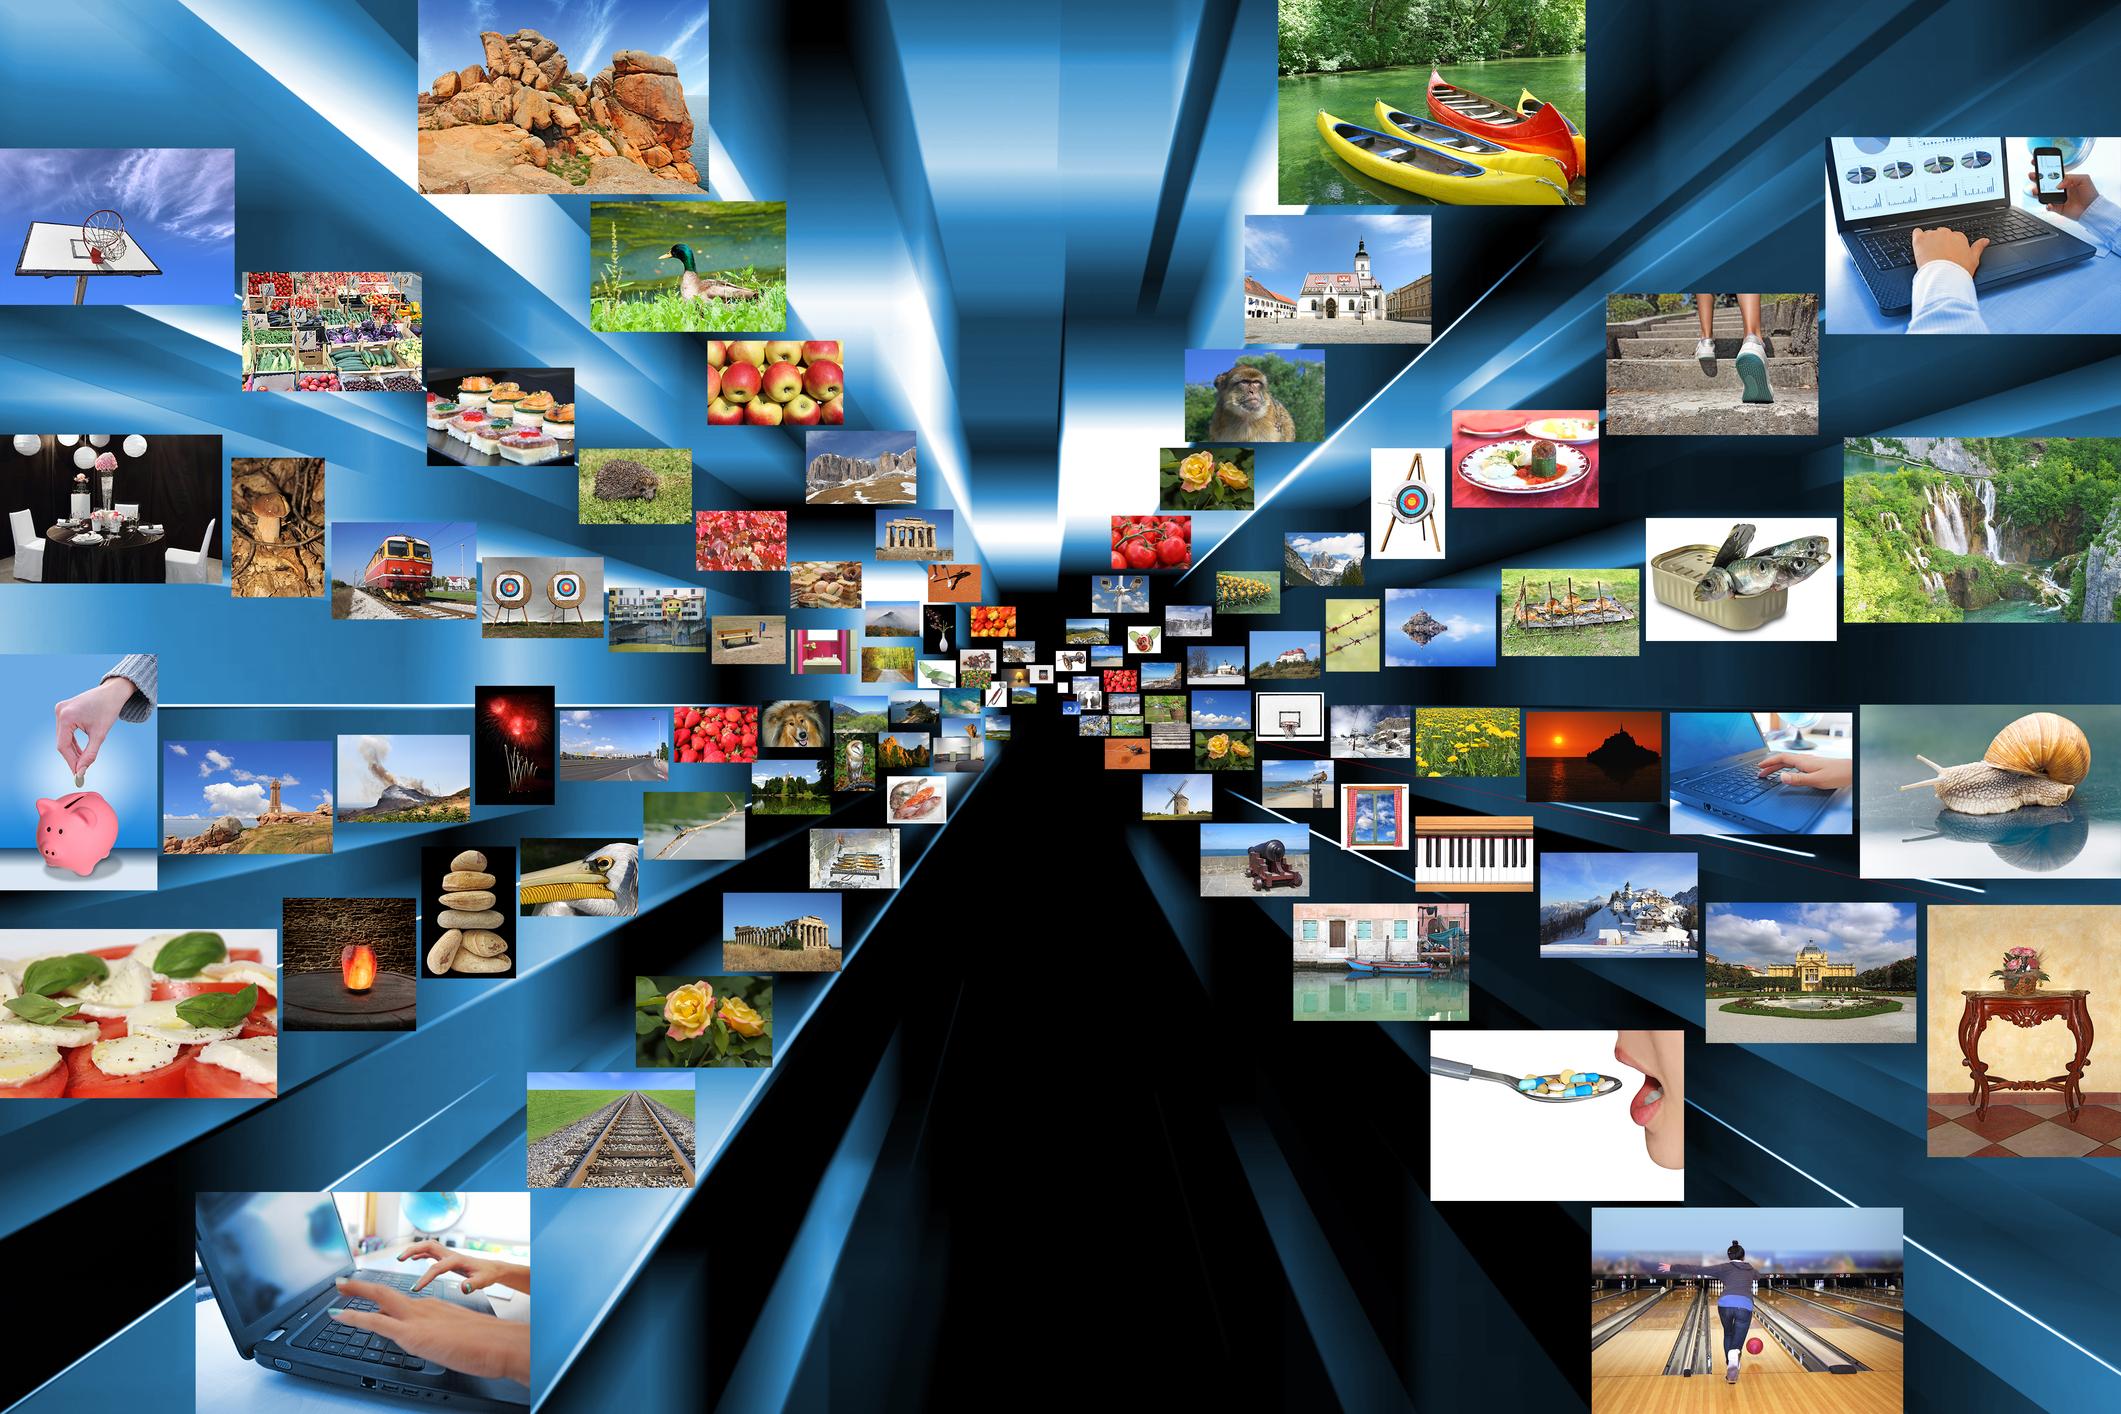 WiMAXなら全時間帯でエロ動画が見れることがわかったぞ!